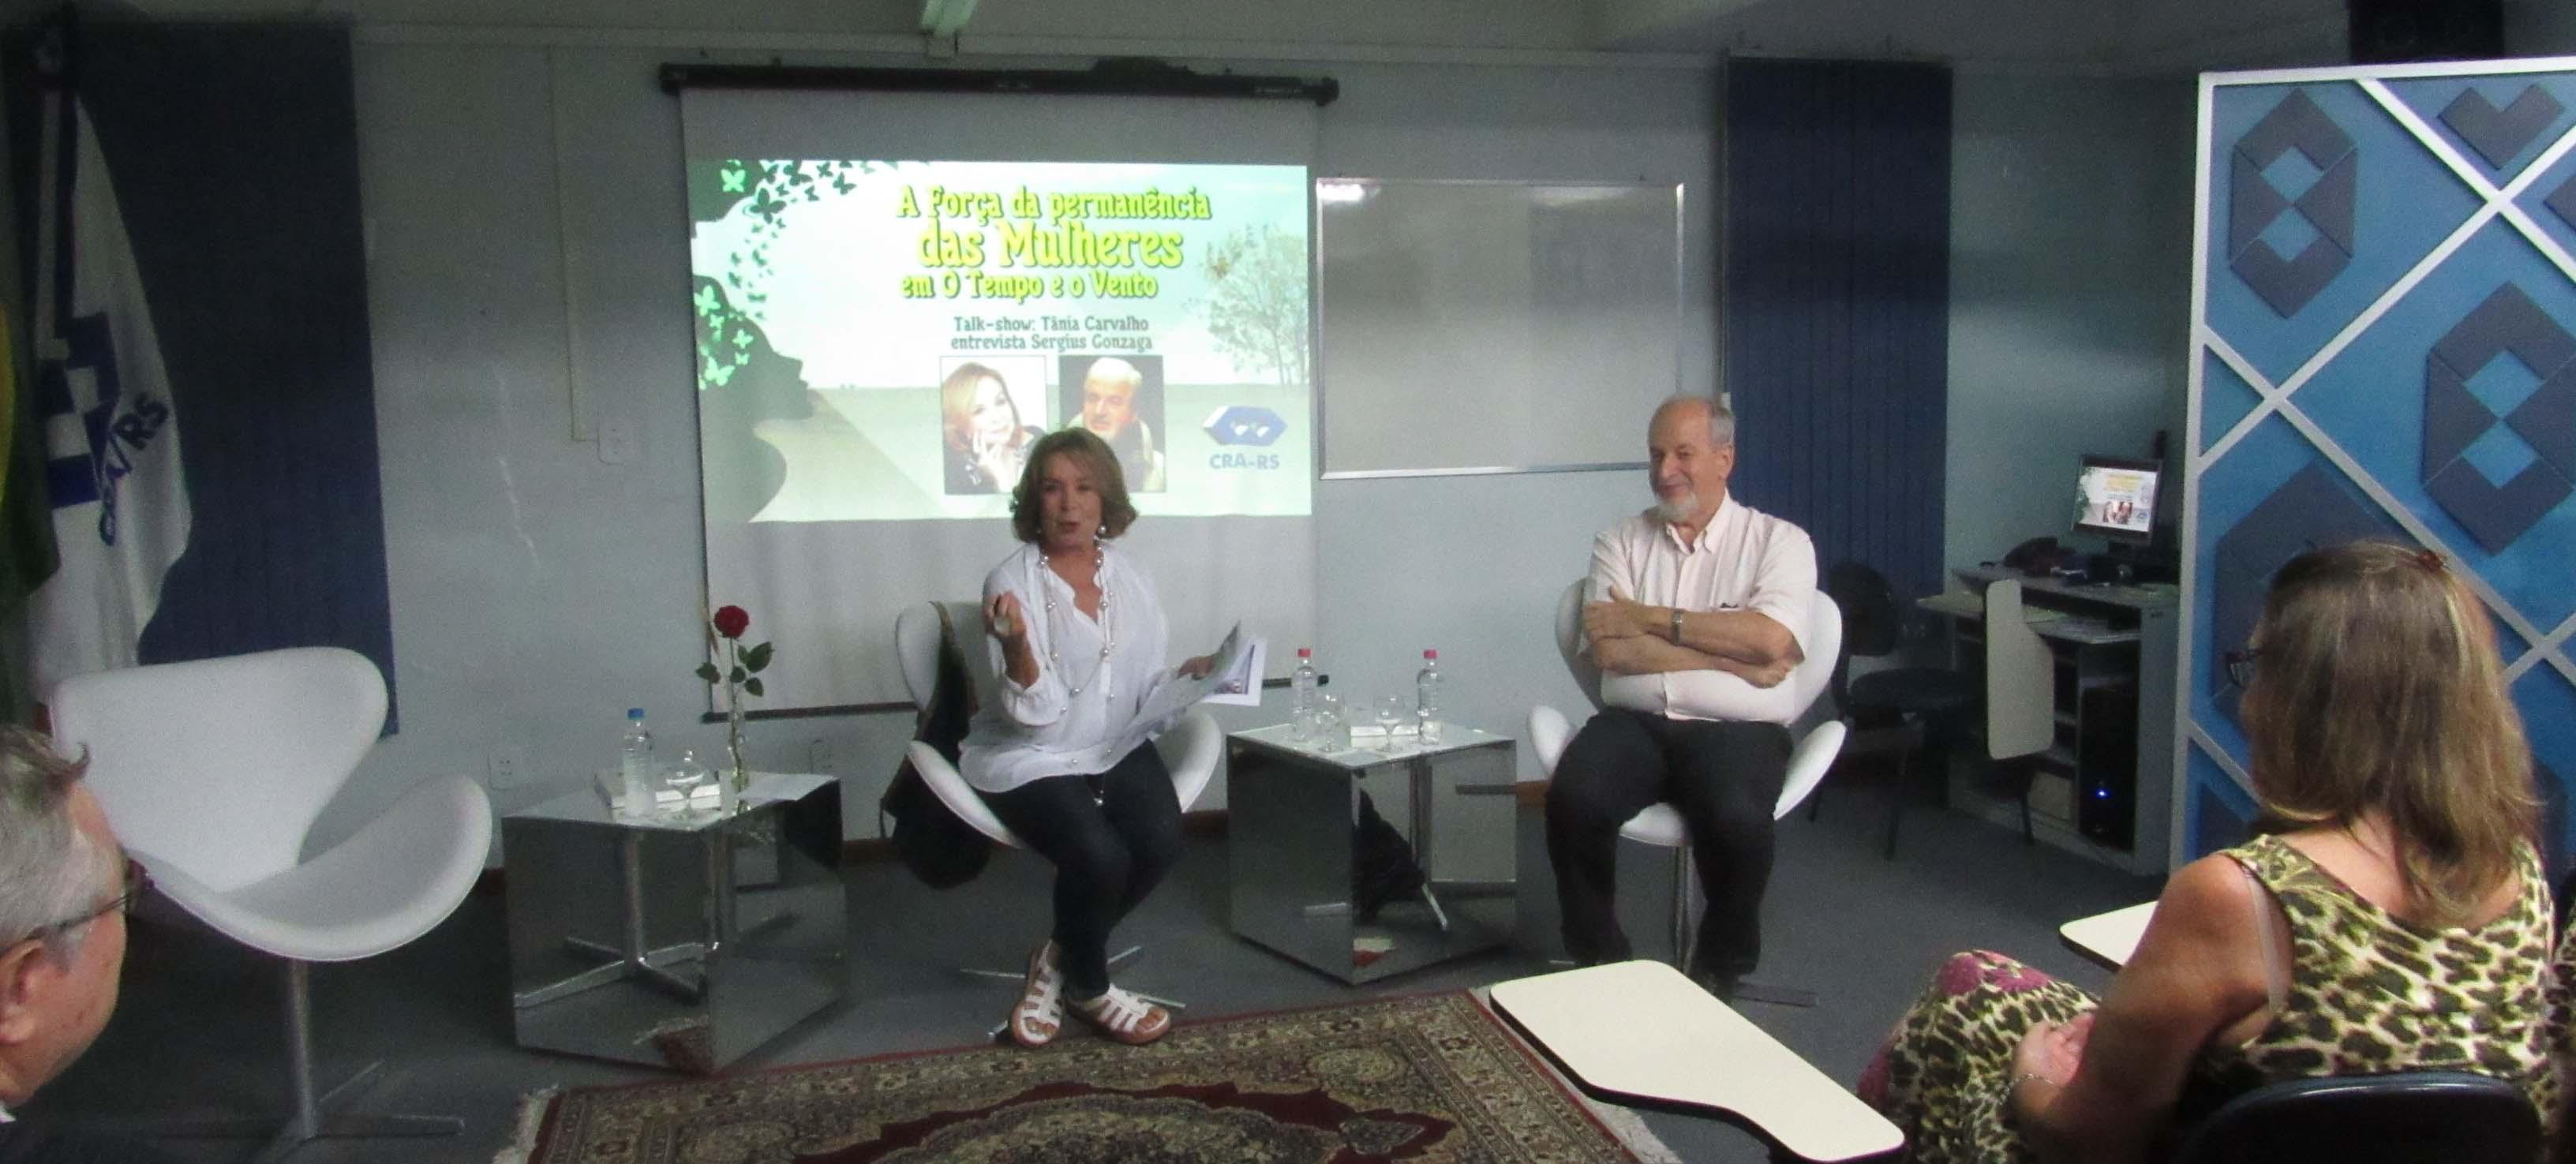 Talk show em homenagem ao Dia da Mulher aborda a força das mulheres descrita por Érico Veríssimo